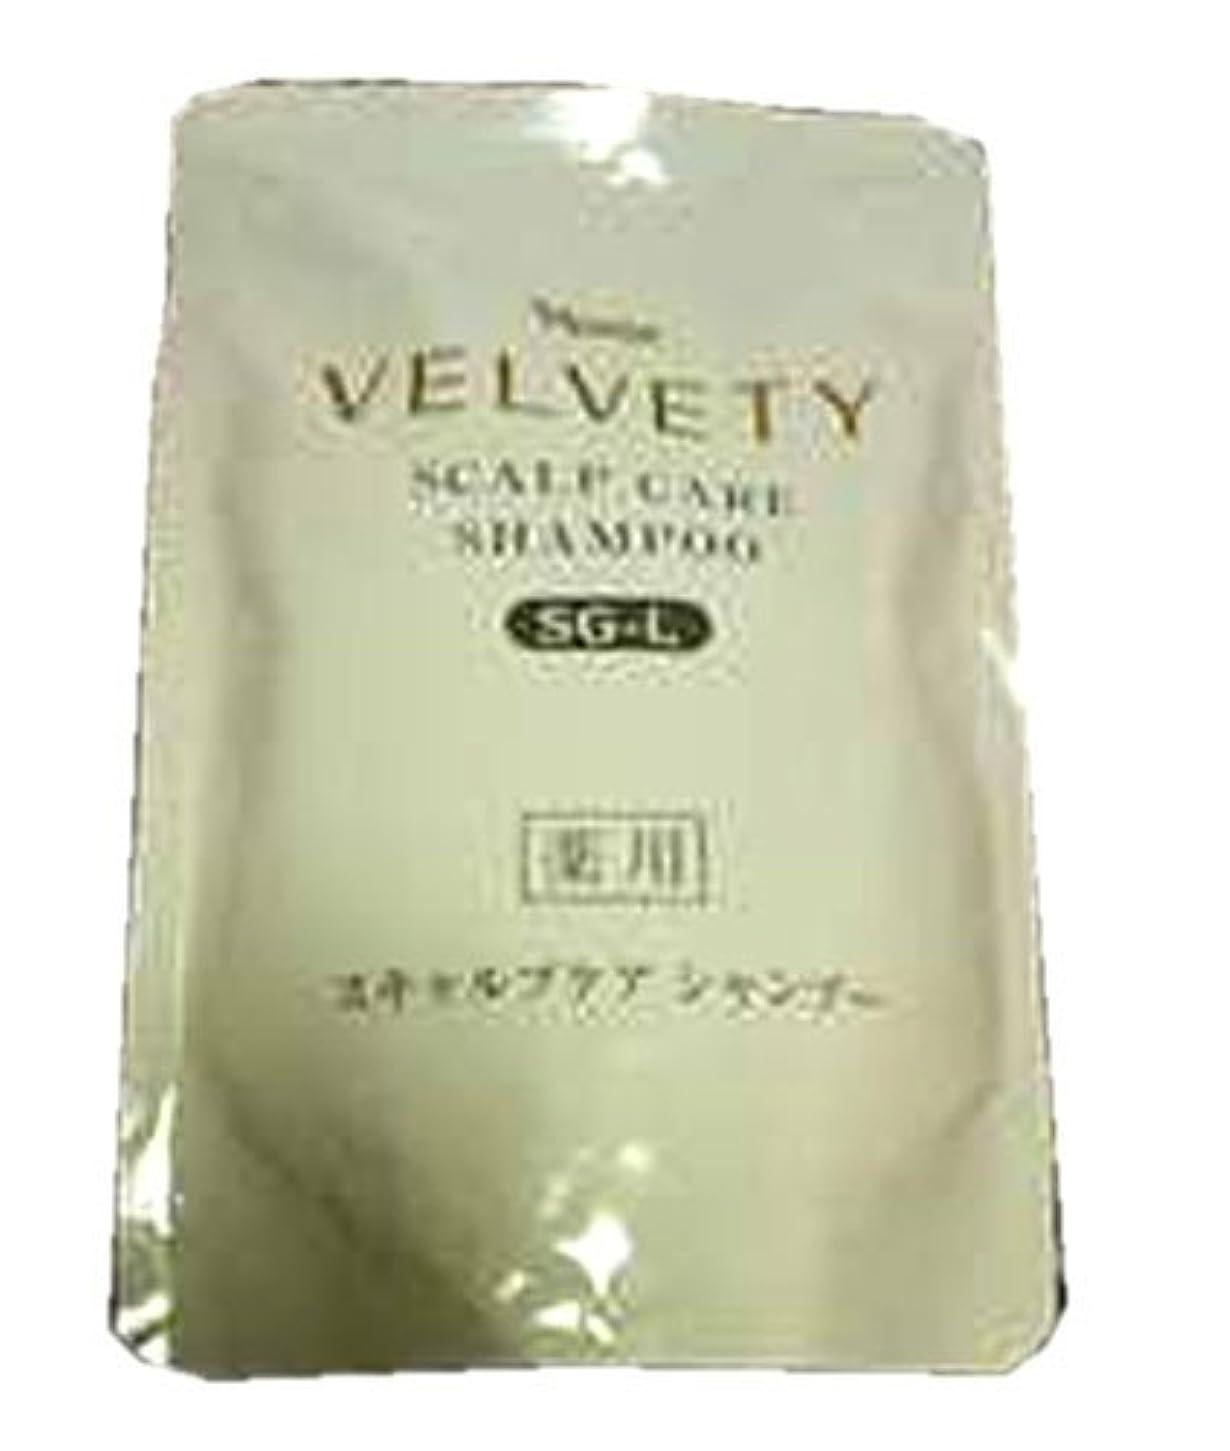 チーズトロリー効能ナリス ベルベッティ スキャルプケアシャンプー 300ml 入替用 <28801>